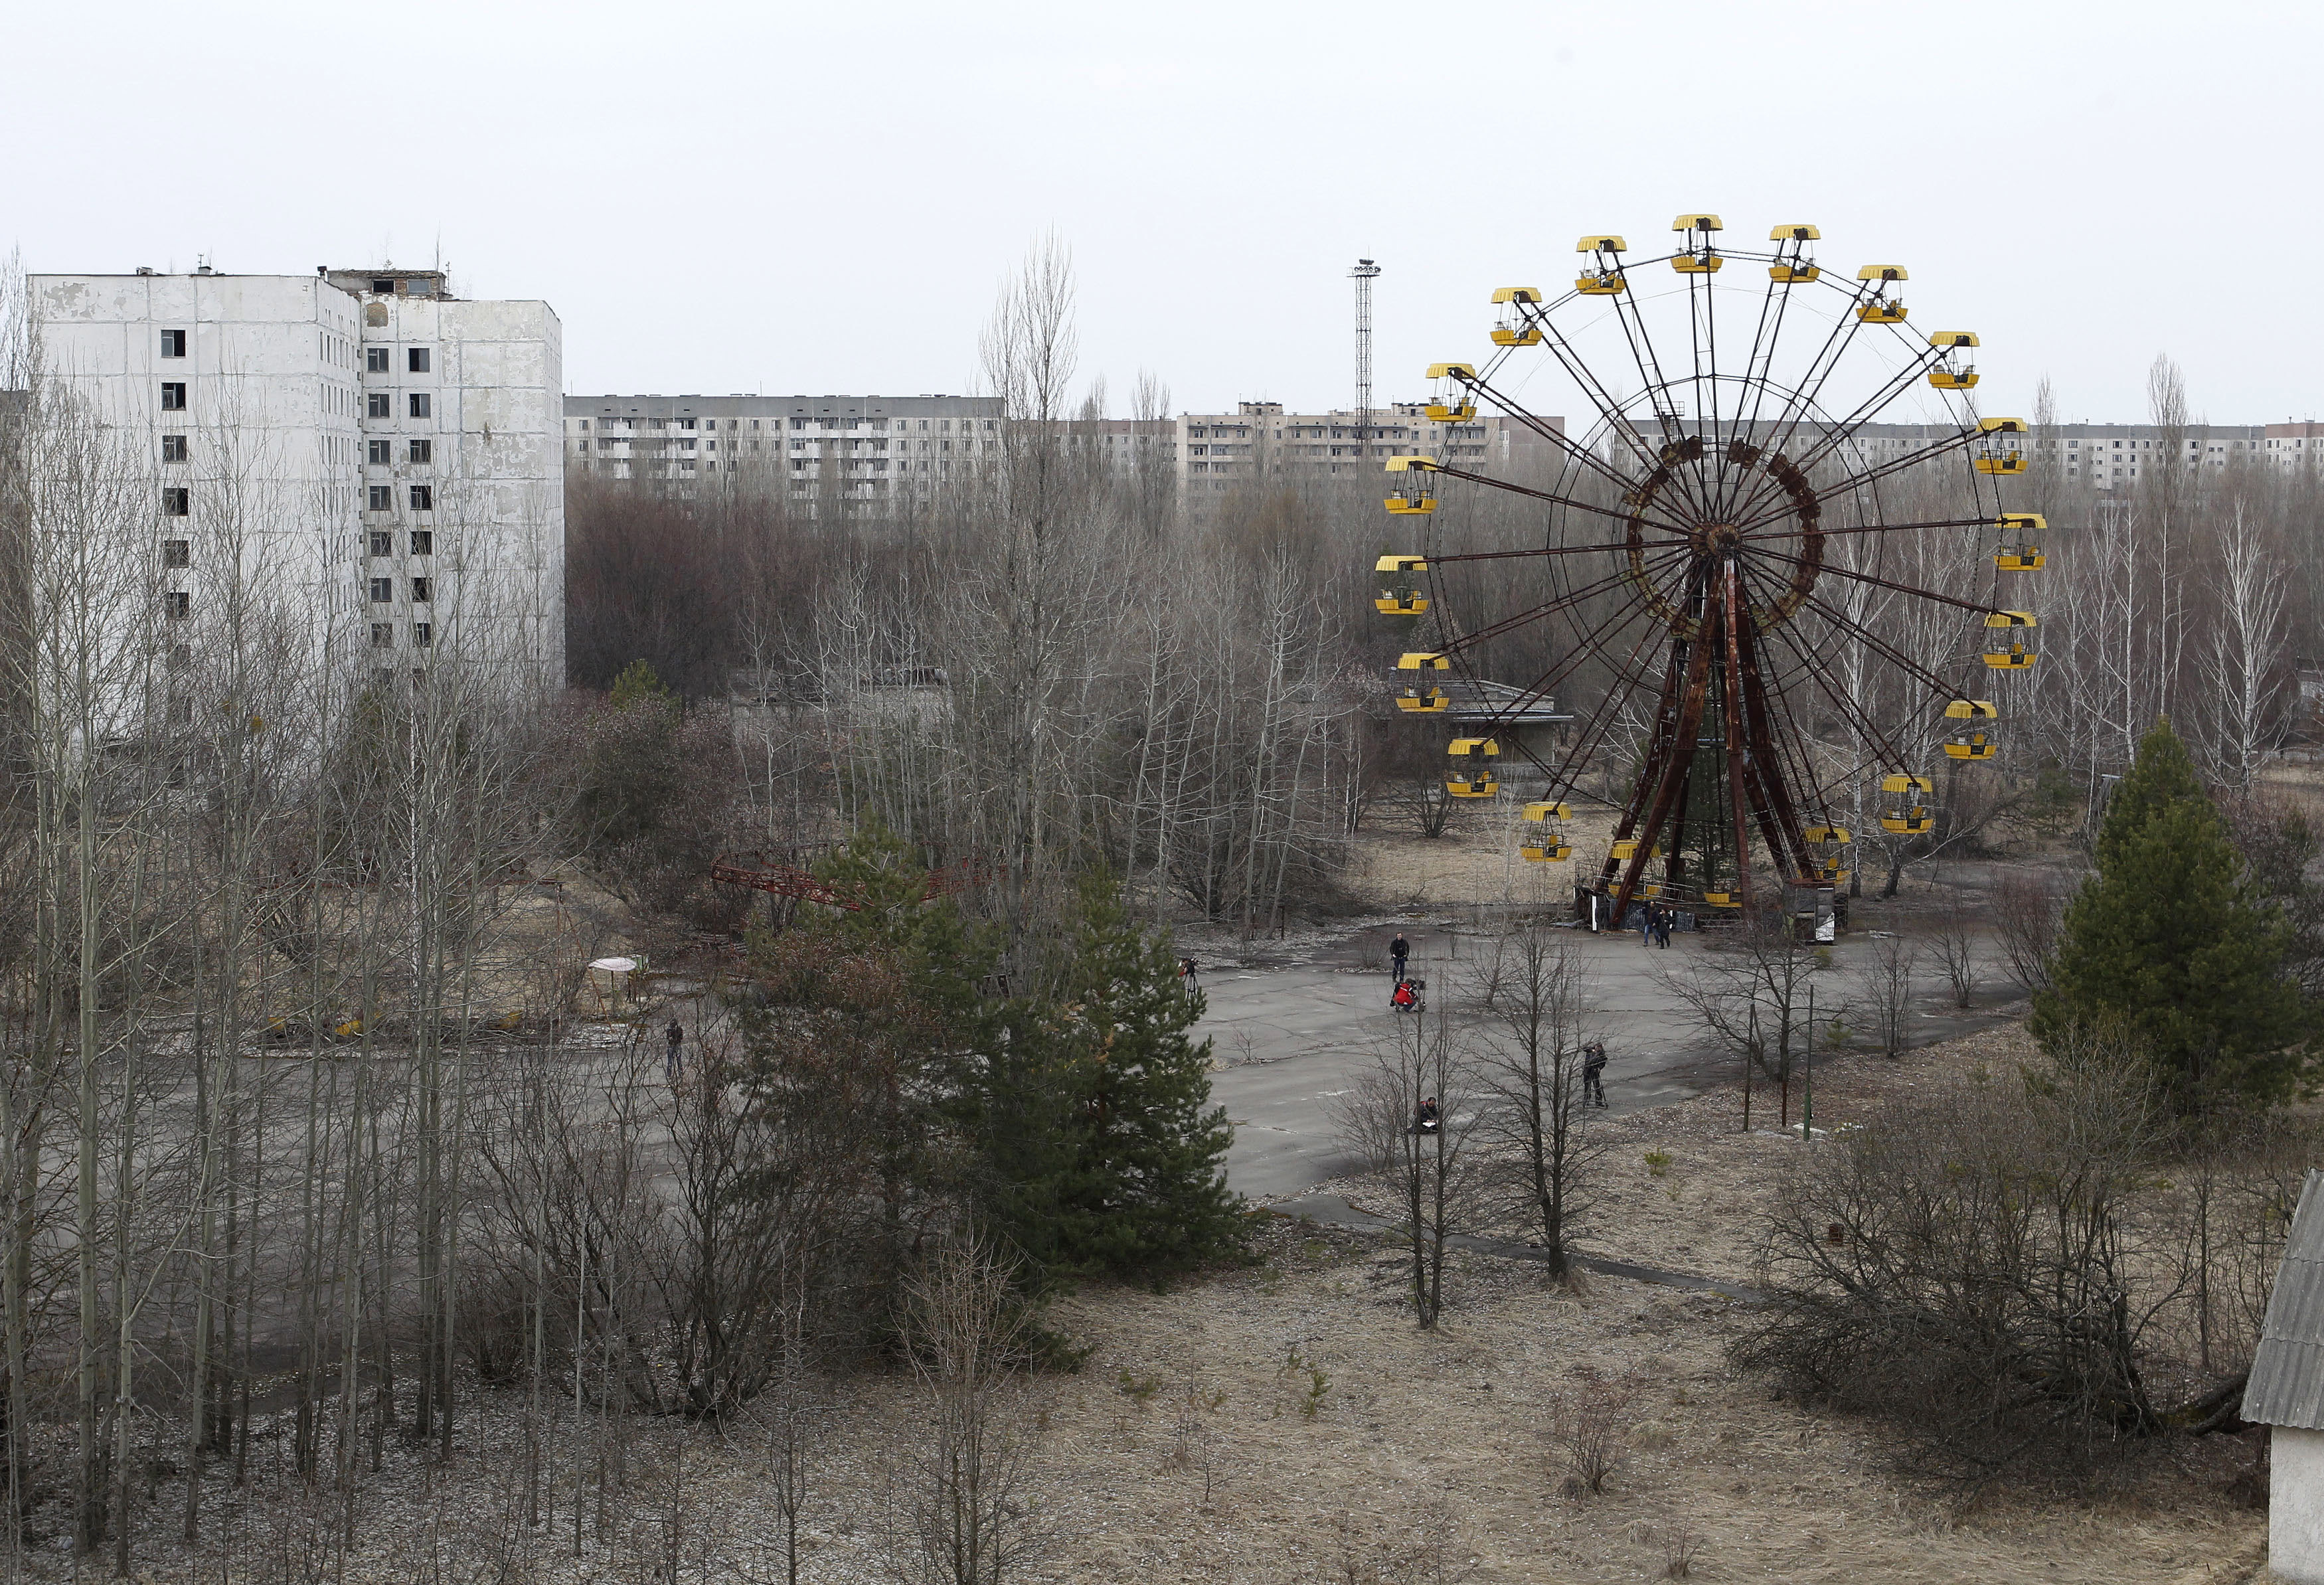 Chernobyl y los que mueren lenta y dolorosamente